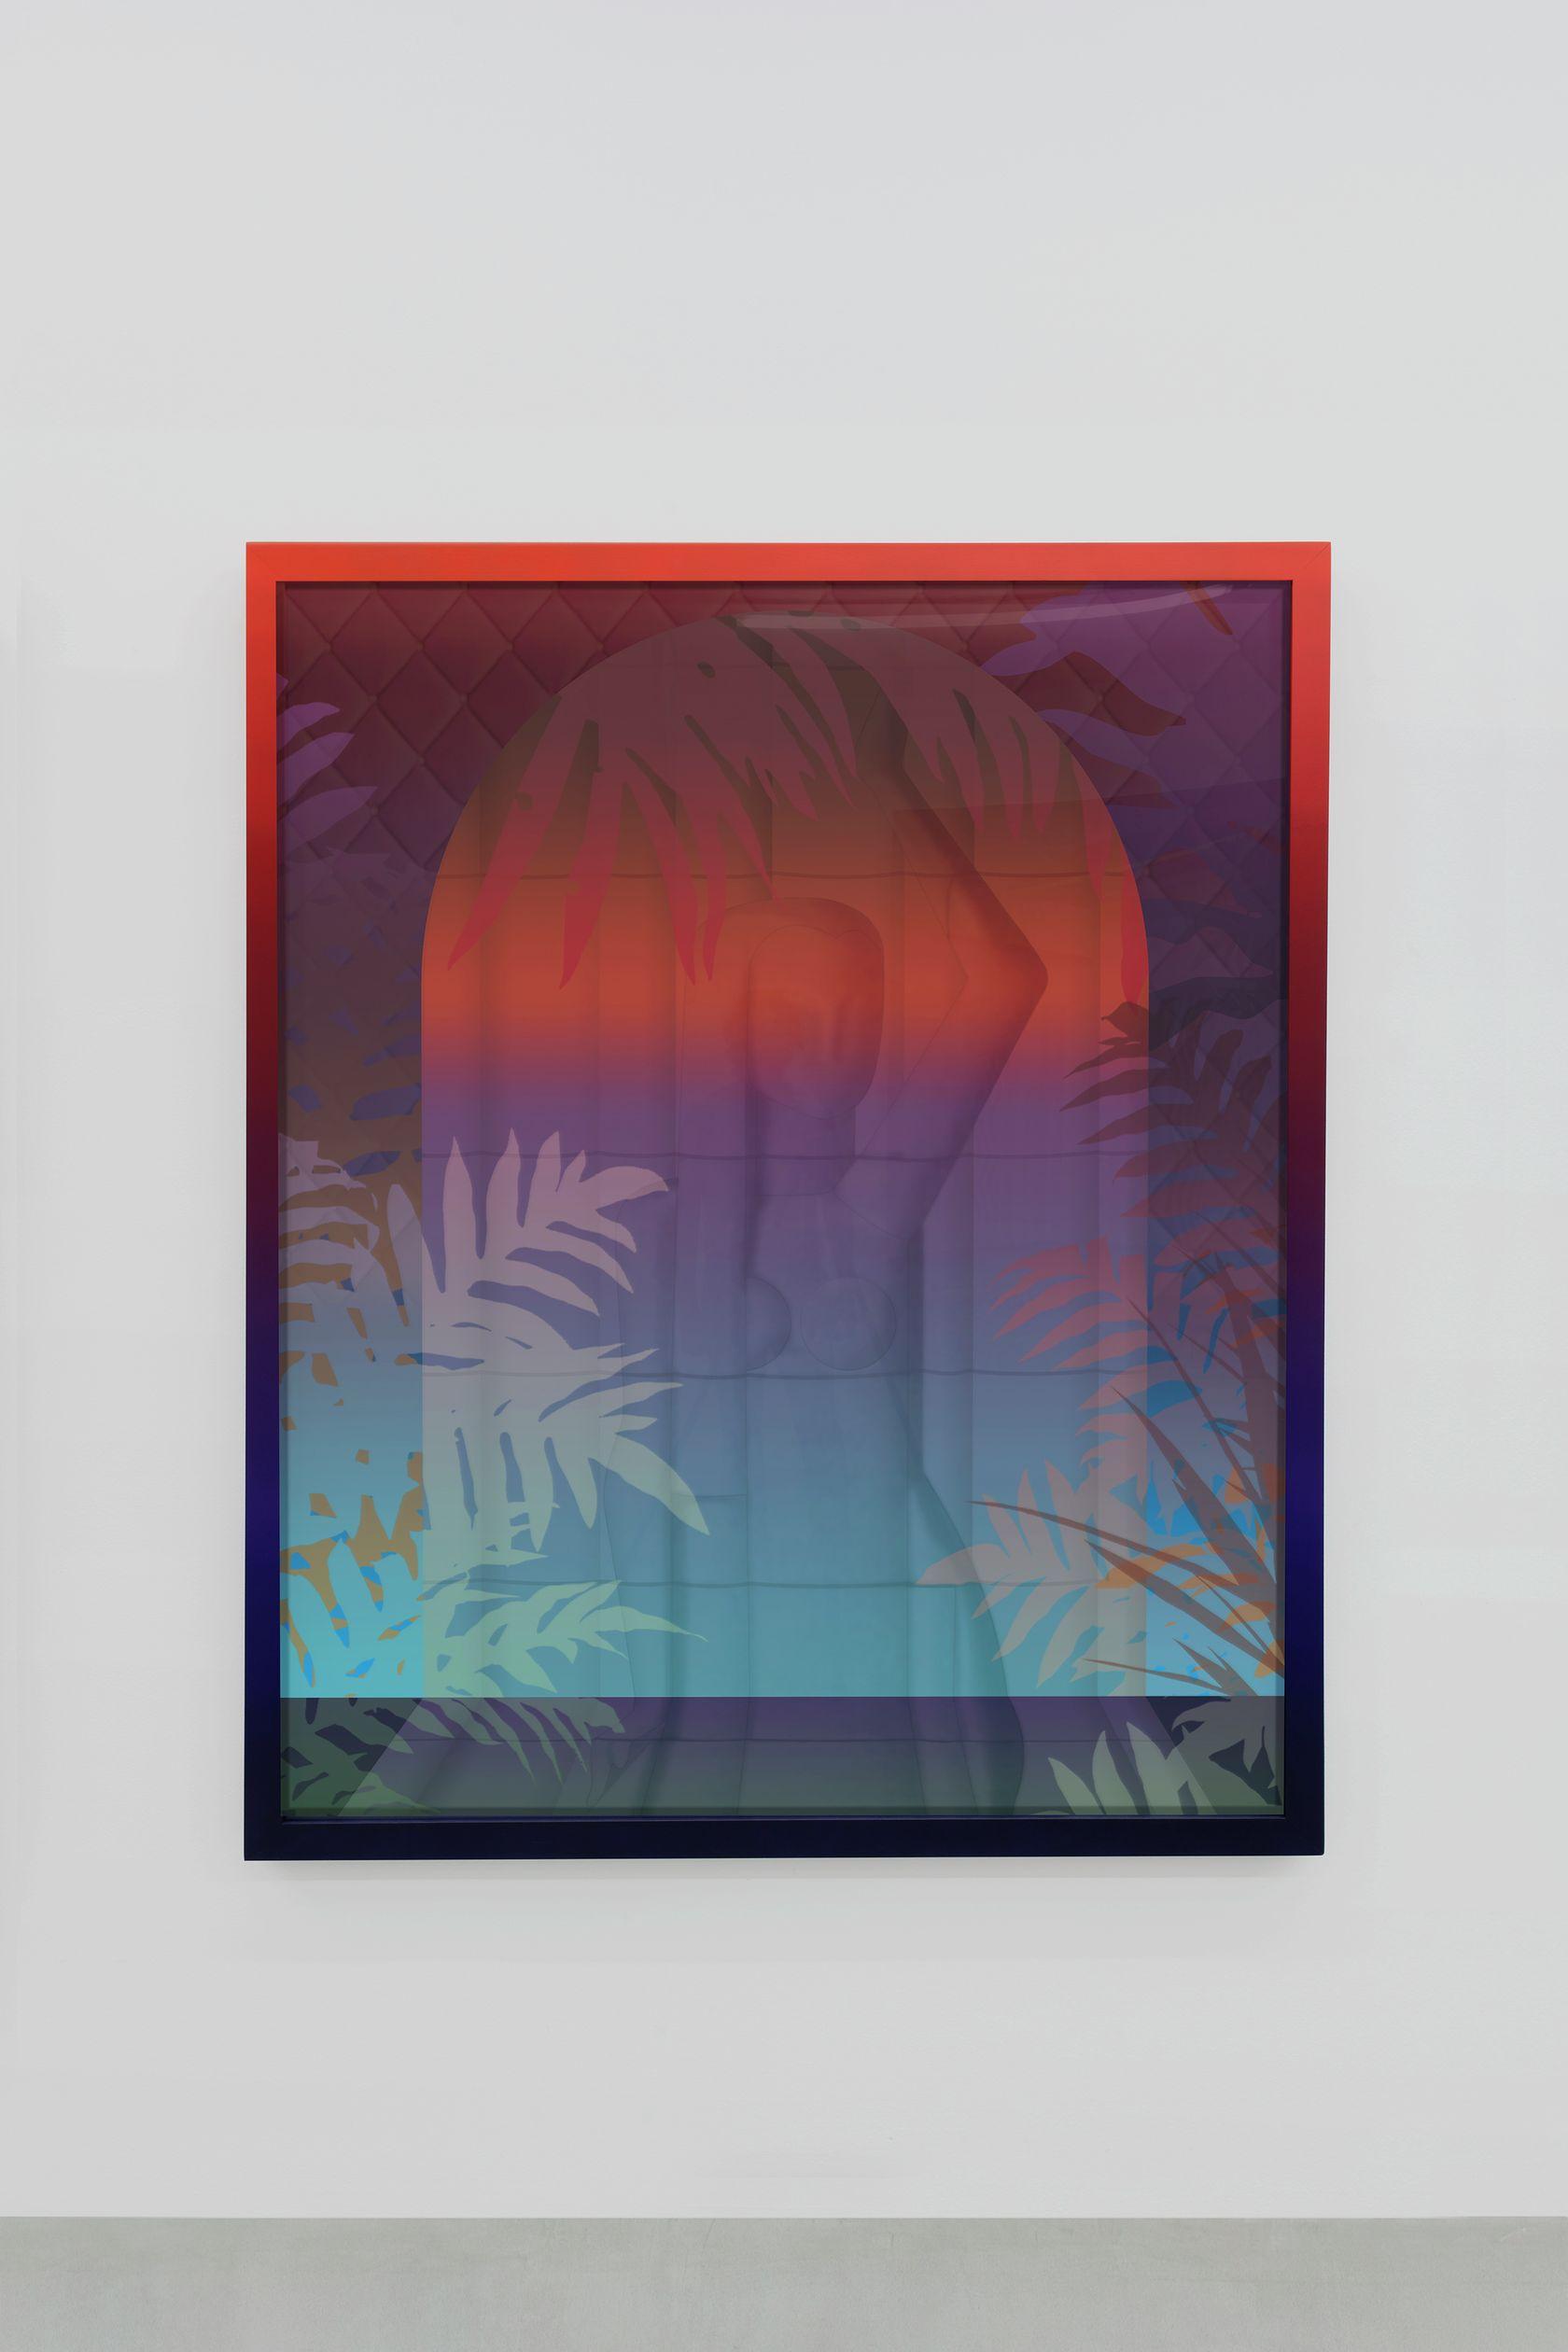 Amélie Bertrand, Sun Dance, 2018 Tirage argentique et cadre peint - pièce unique168.5 × 138.5 × 6 cm / 66 3/8 × 54 1/2 × 2 3/8 in.